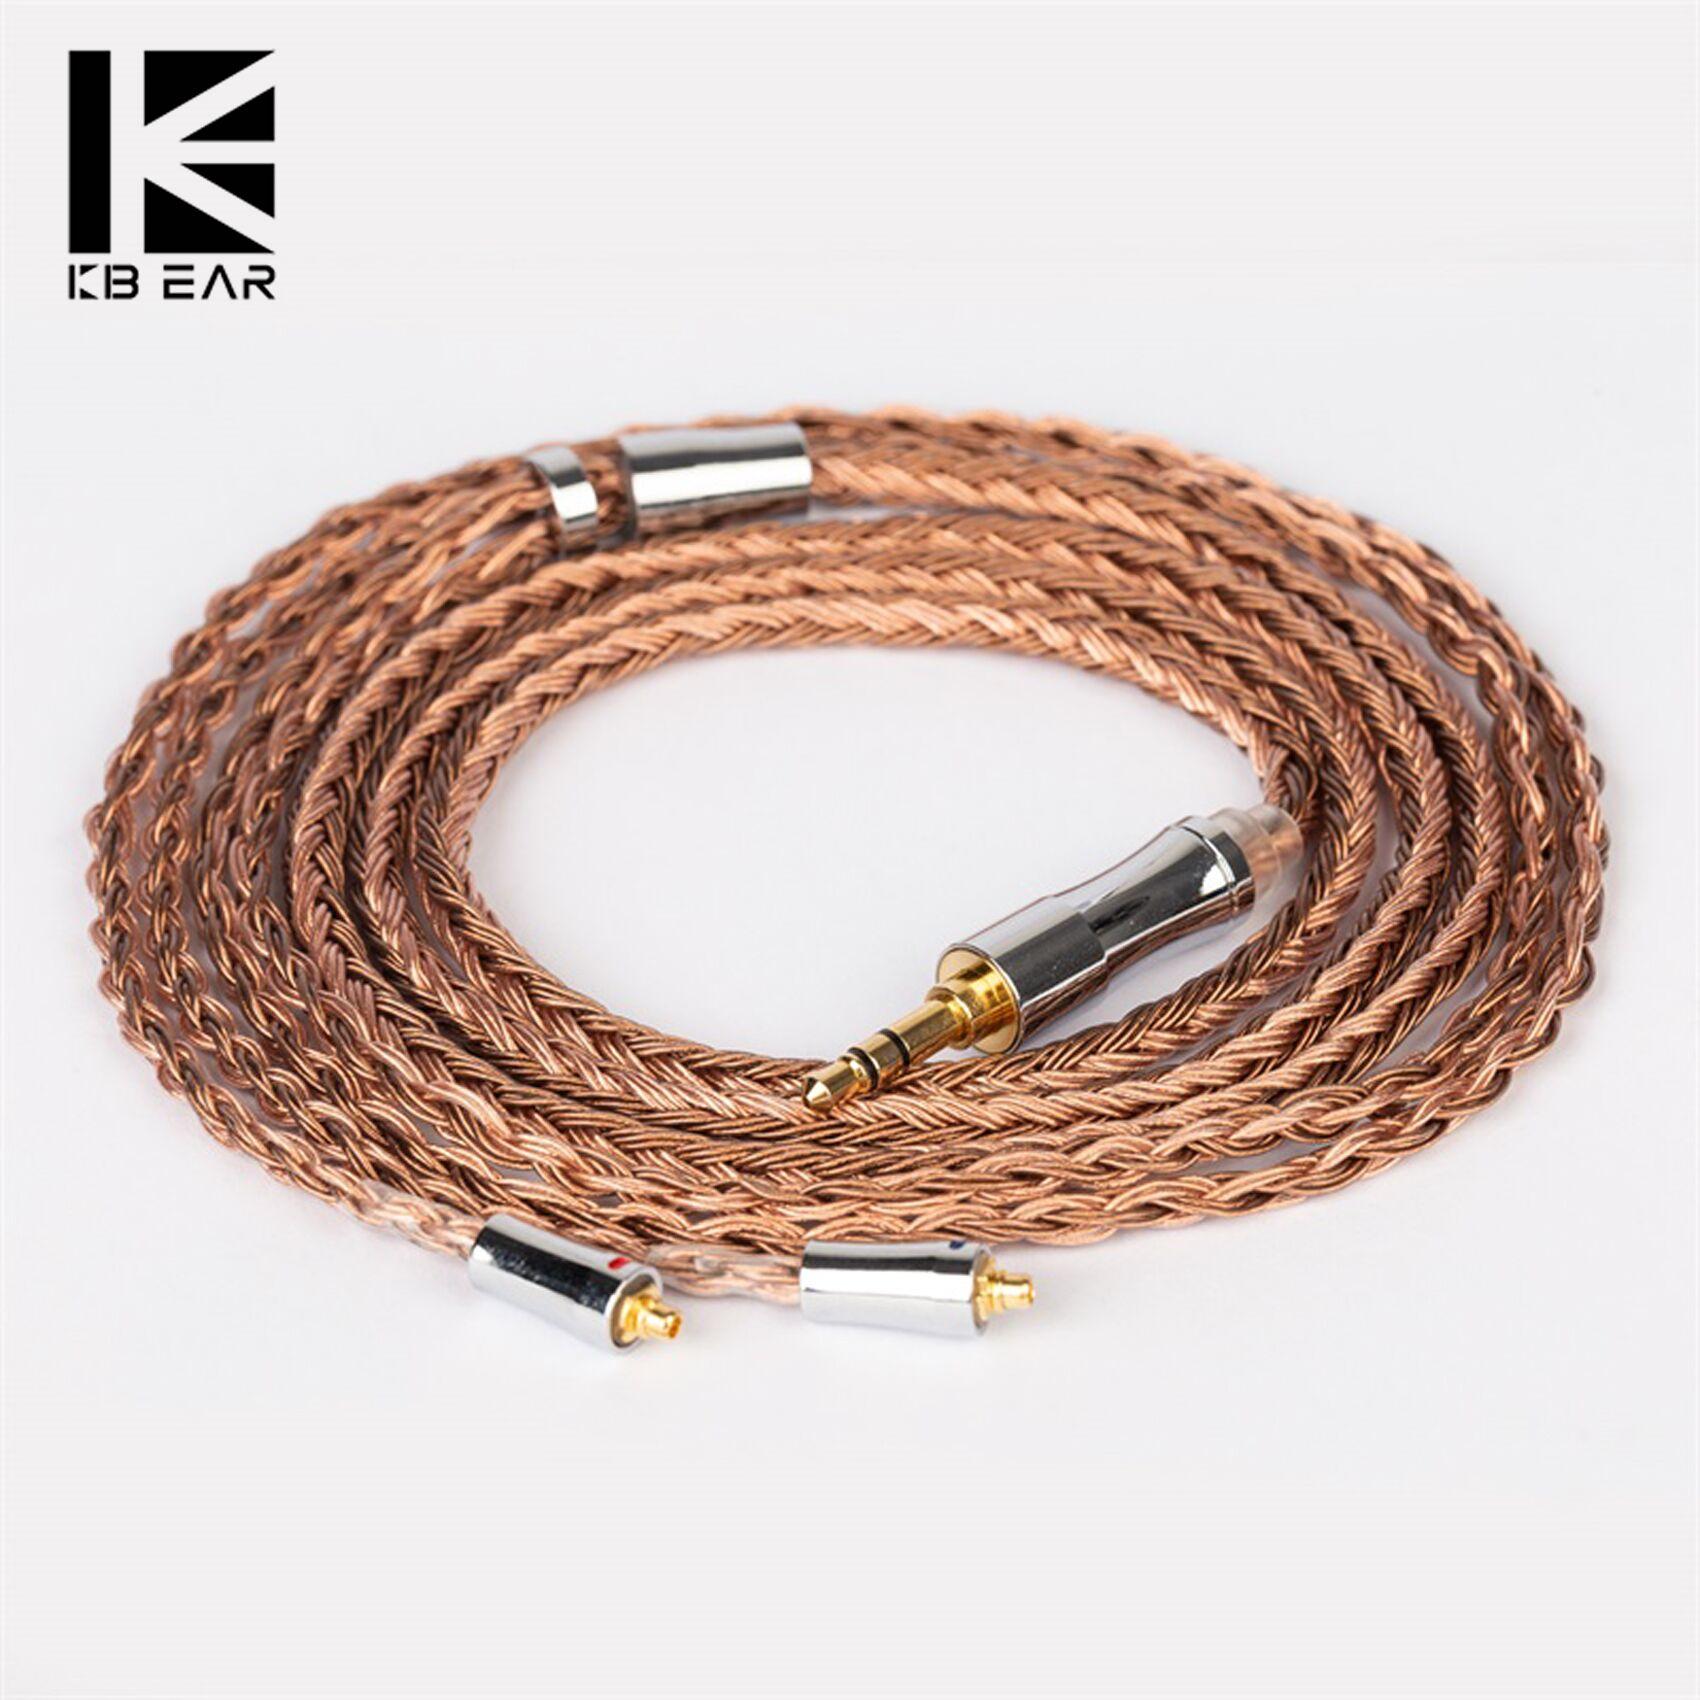 KBEAR تظهر-B 24 النواة 5N OFC ترقية كابل الصوت الدافئ حول آذان مع 120 سنتيمتر طول 3.5 مللي متر 2.5 مللي متر 4.4 مللي متر المكونات